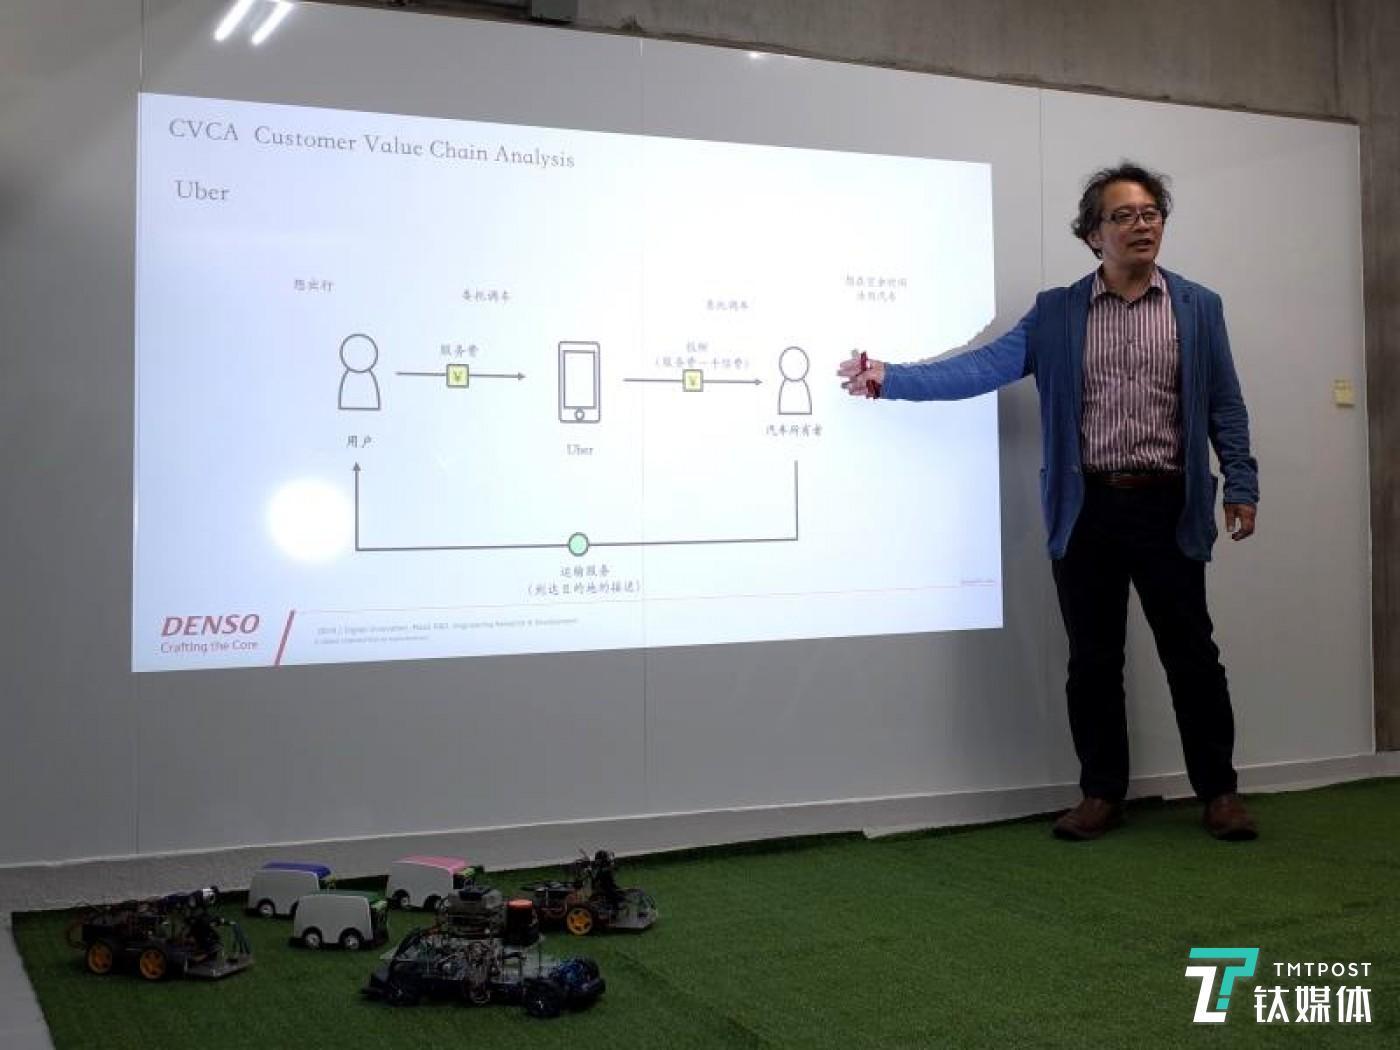 Takeshi Narisako, Director of MaaS R&D Division